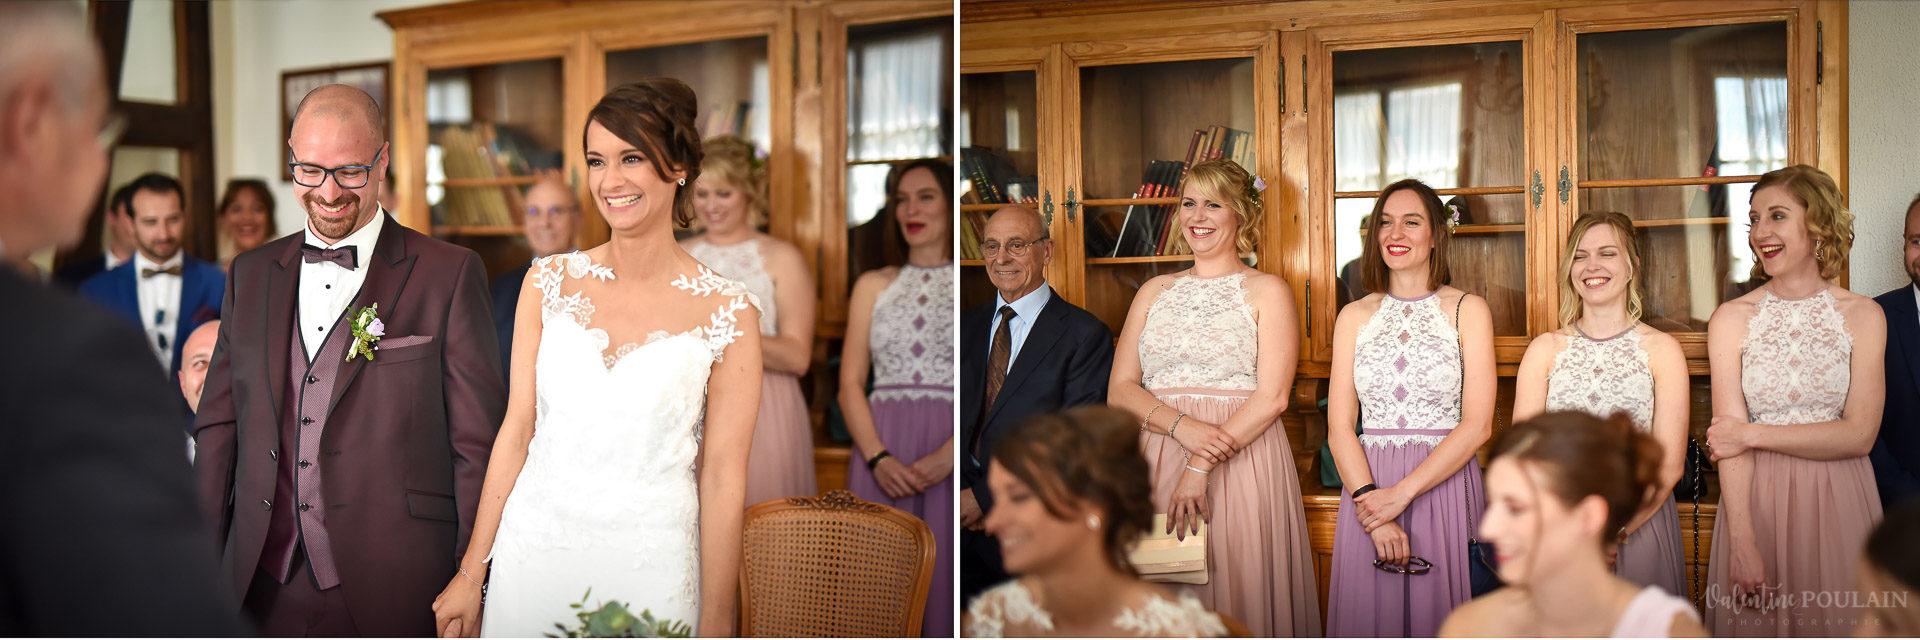 Mariage convivial Saverne - Valentine Poulain rire